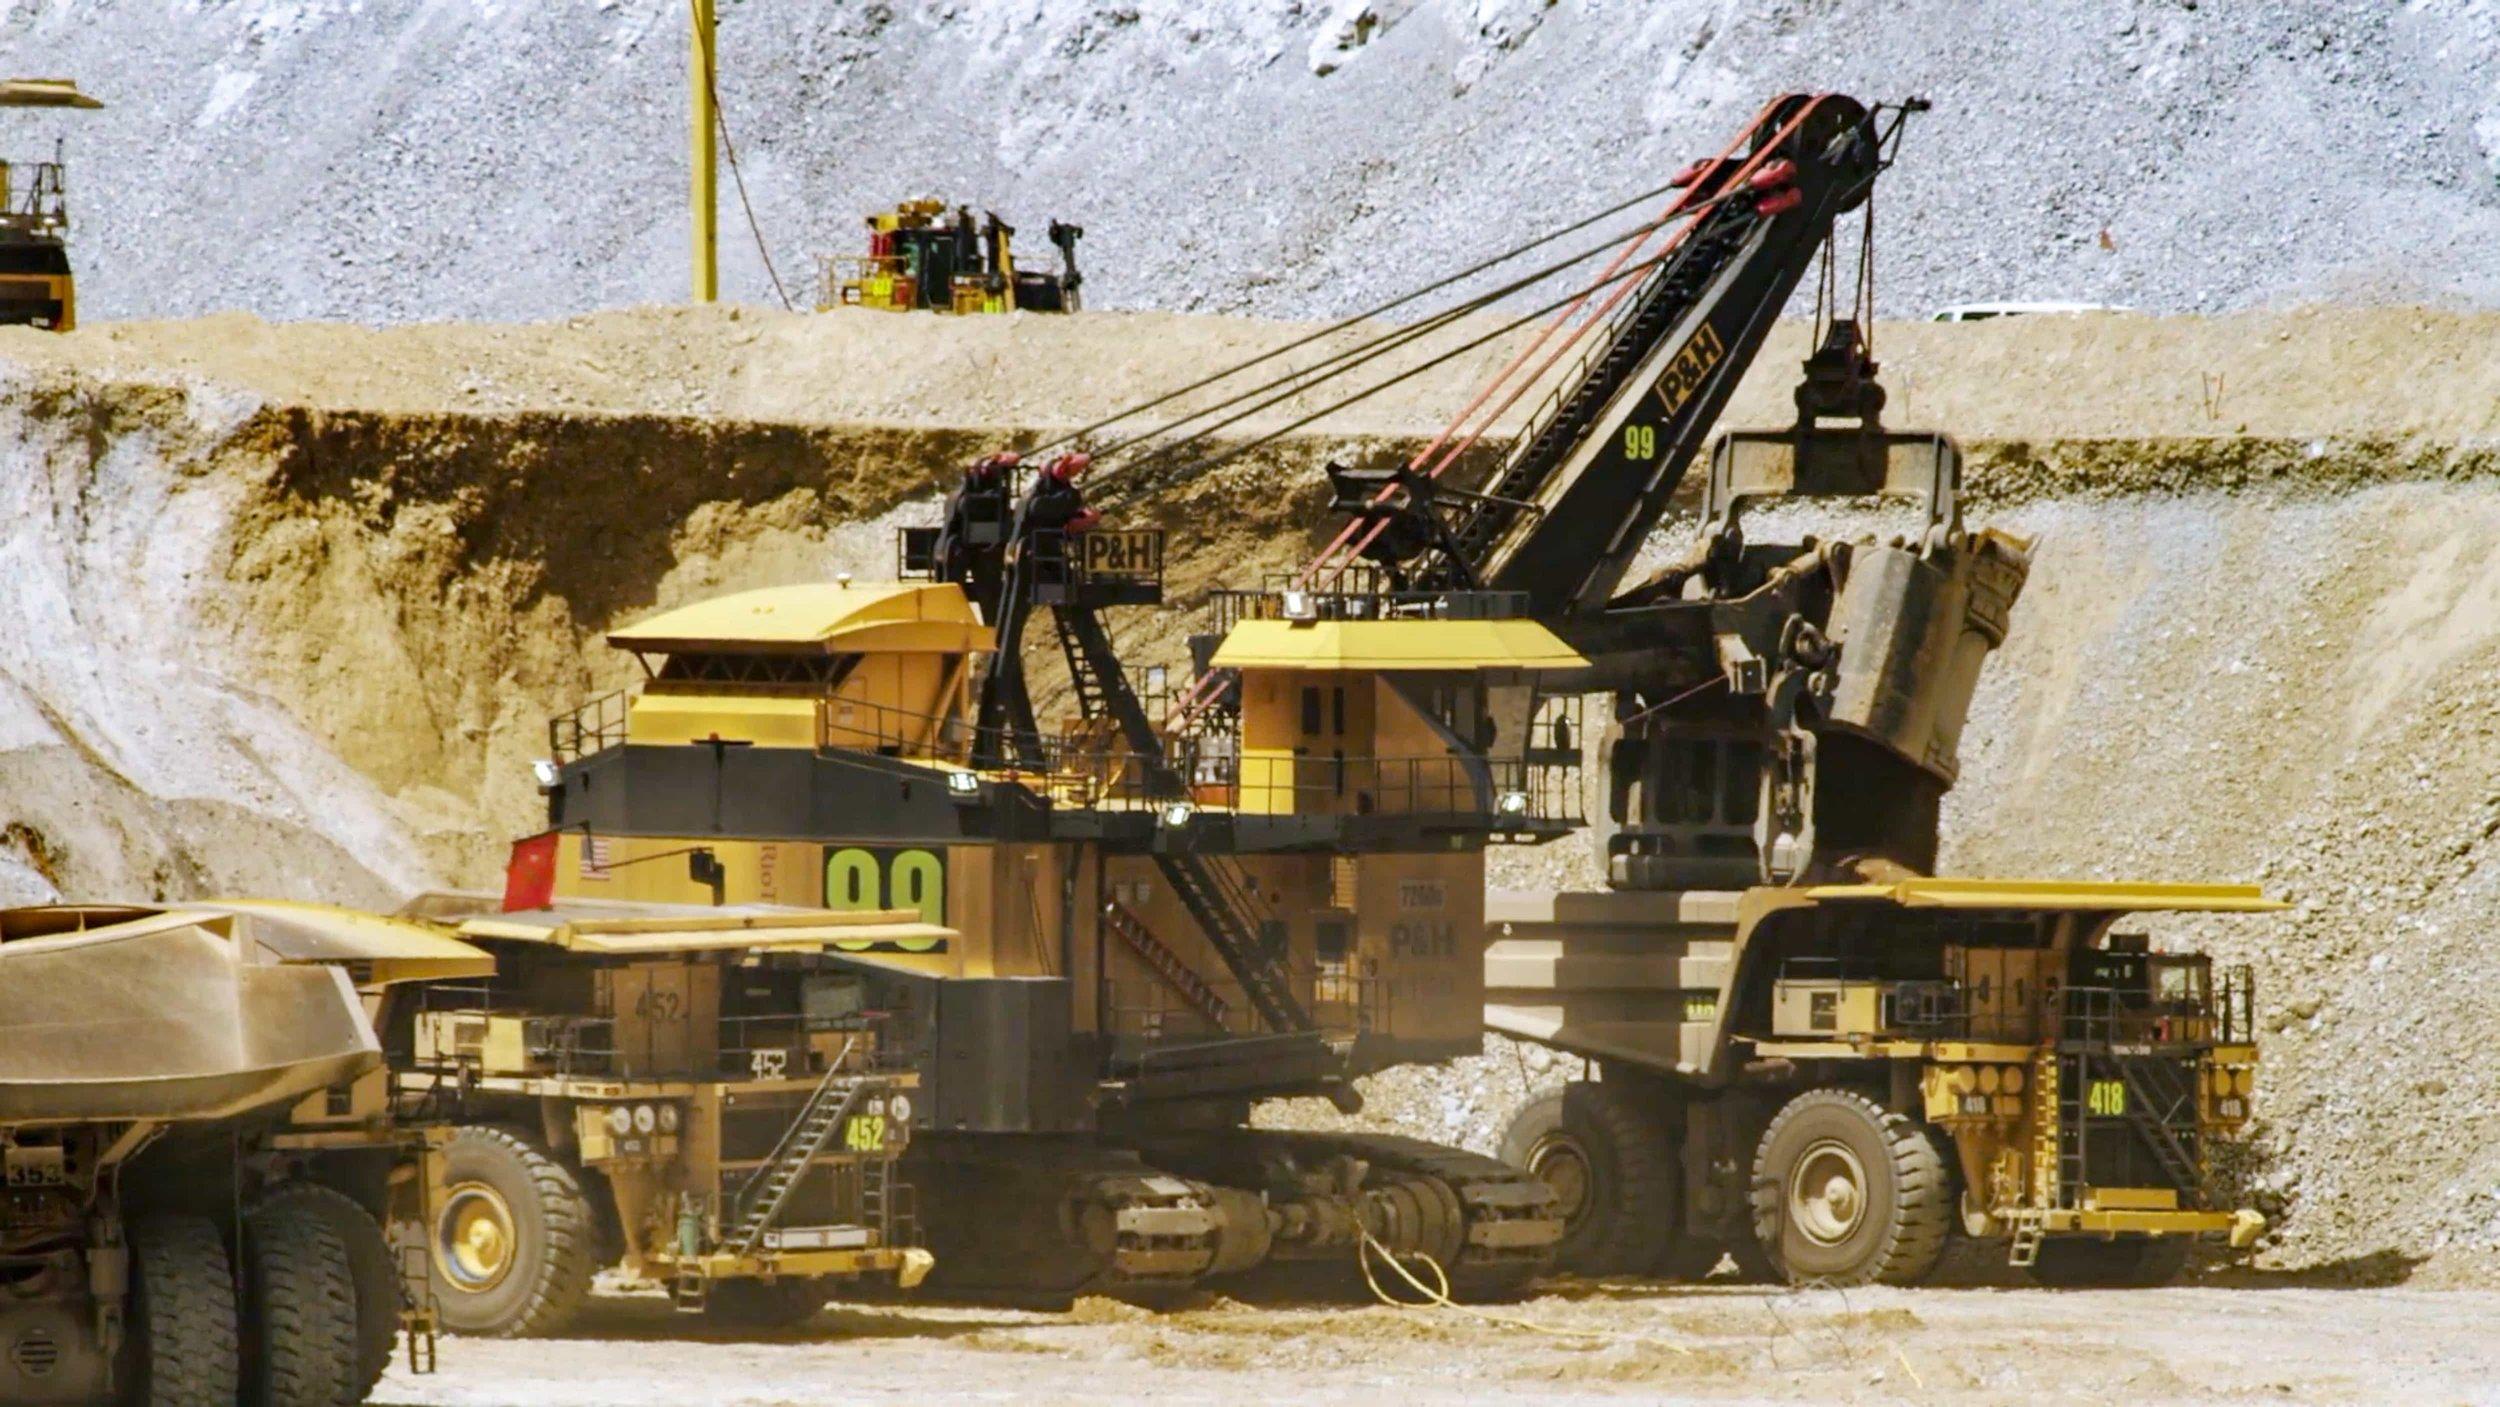 shovel and trucks.jpg